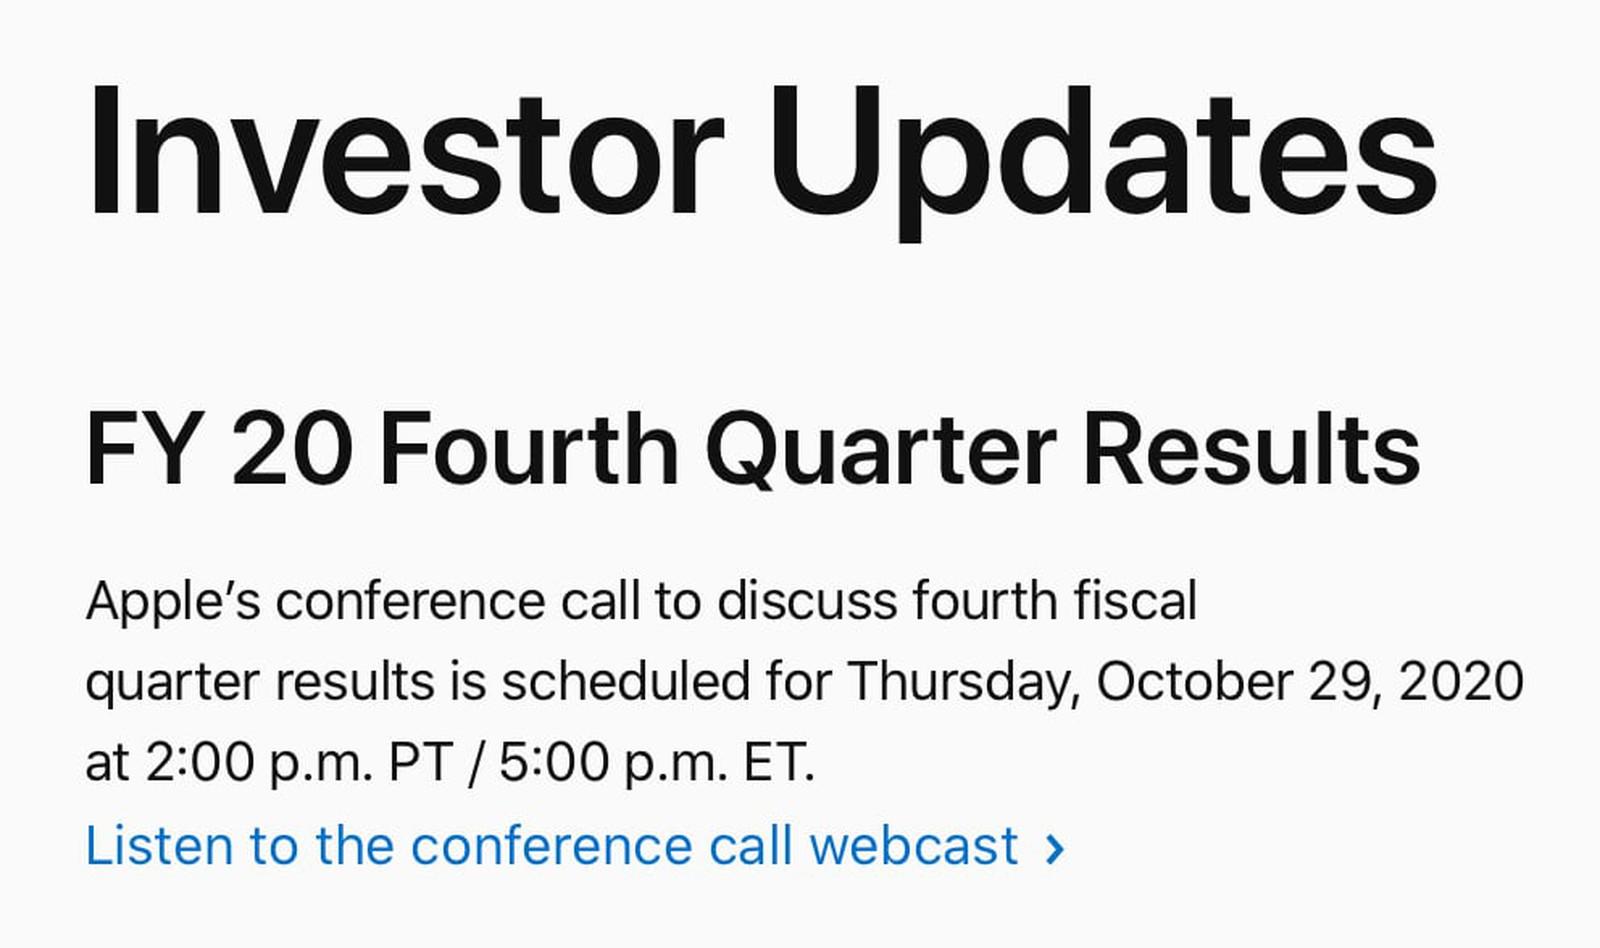 Apple presenta i risultati del quarto trimestre 2020 a fine mese